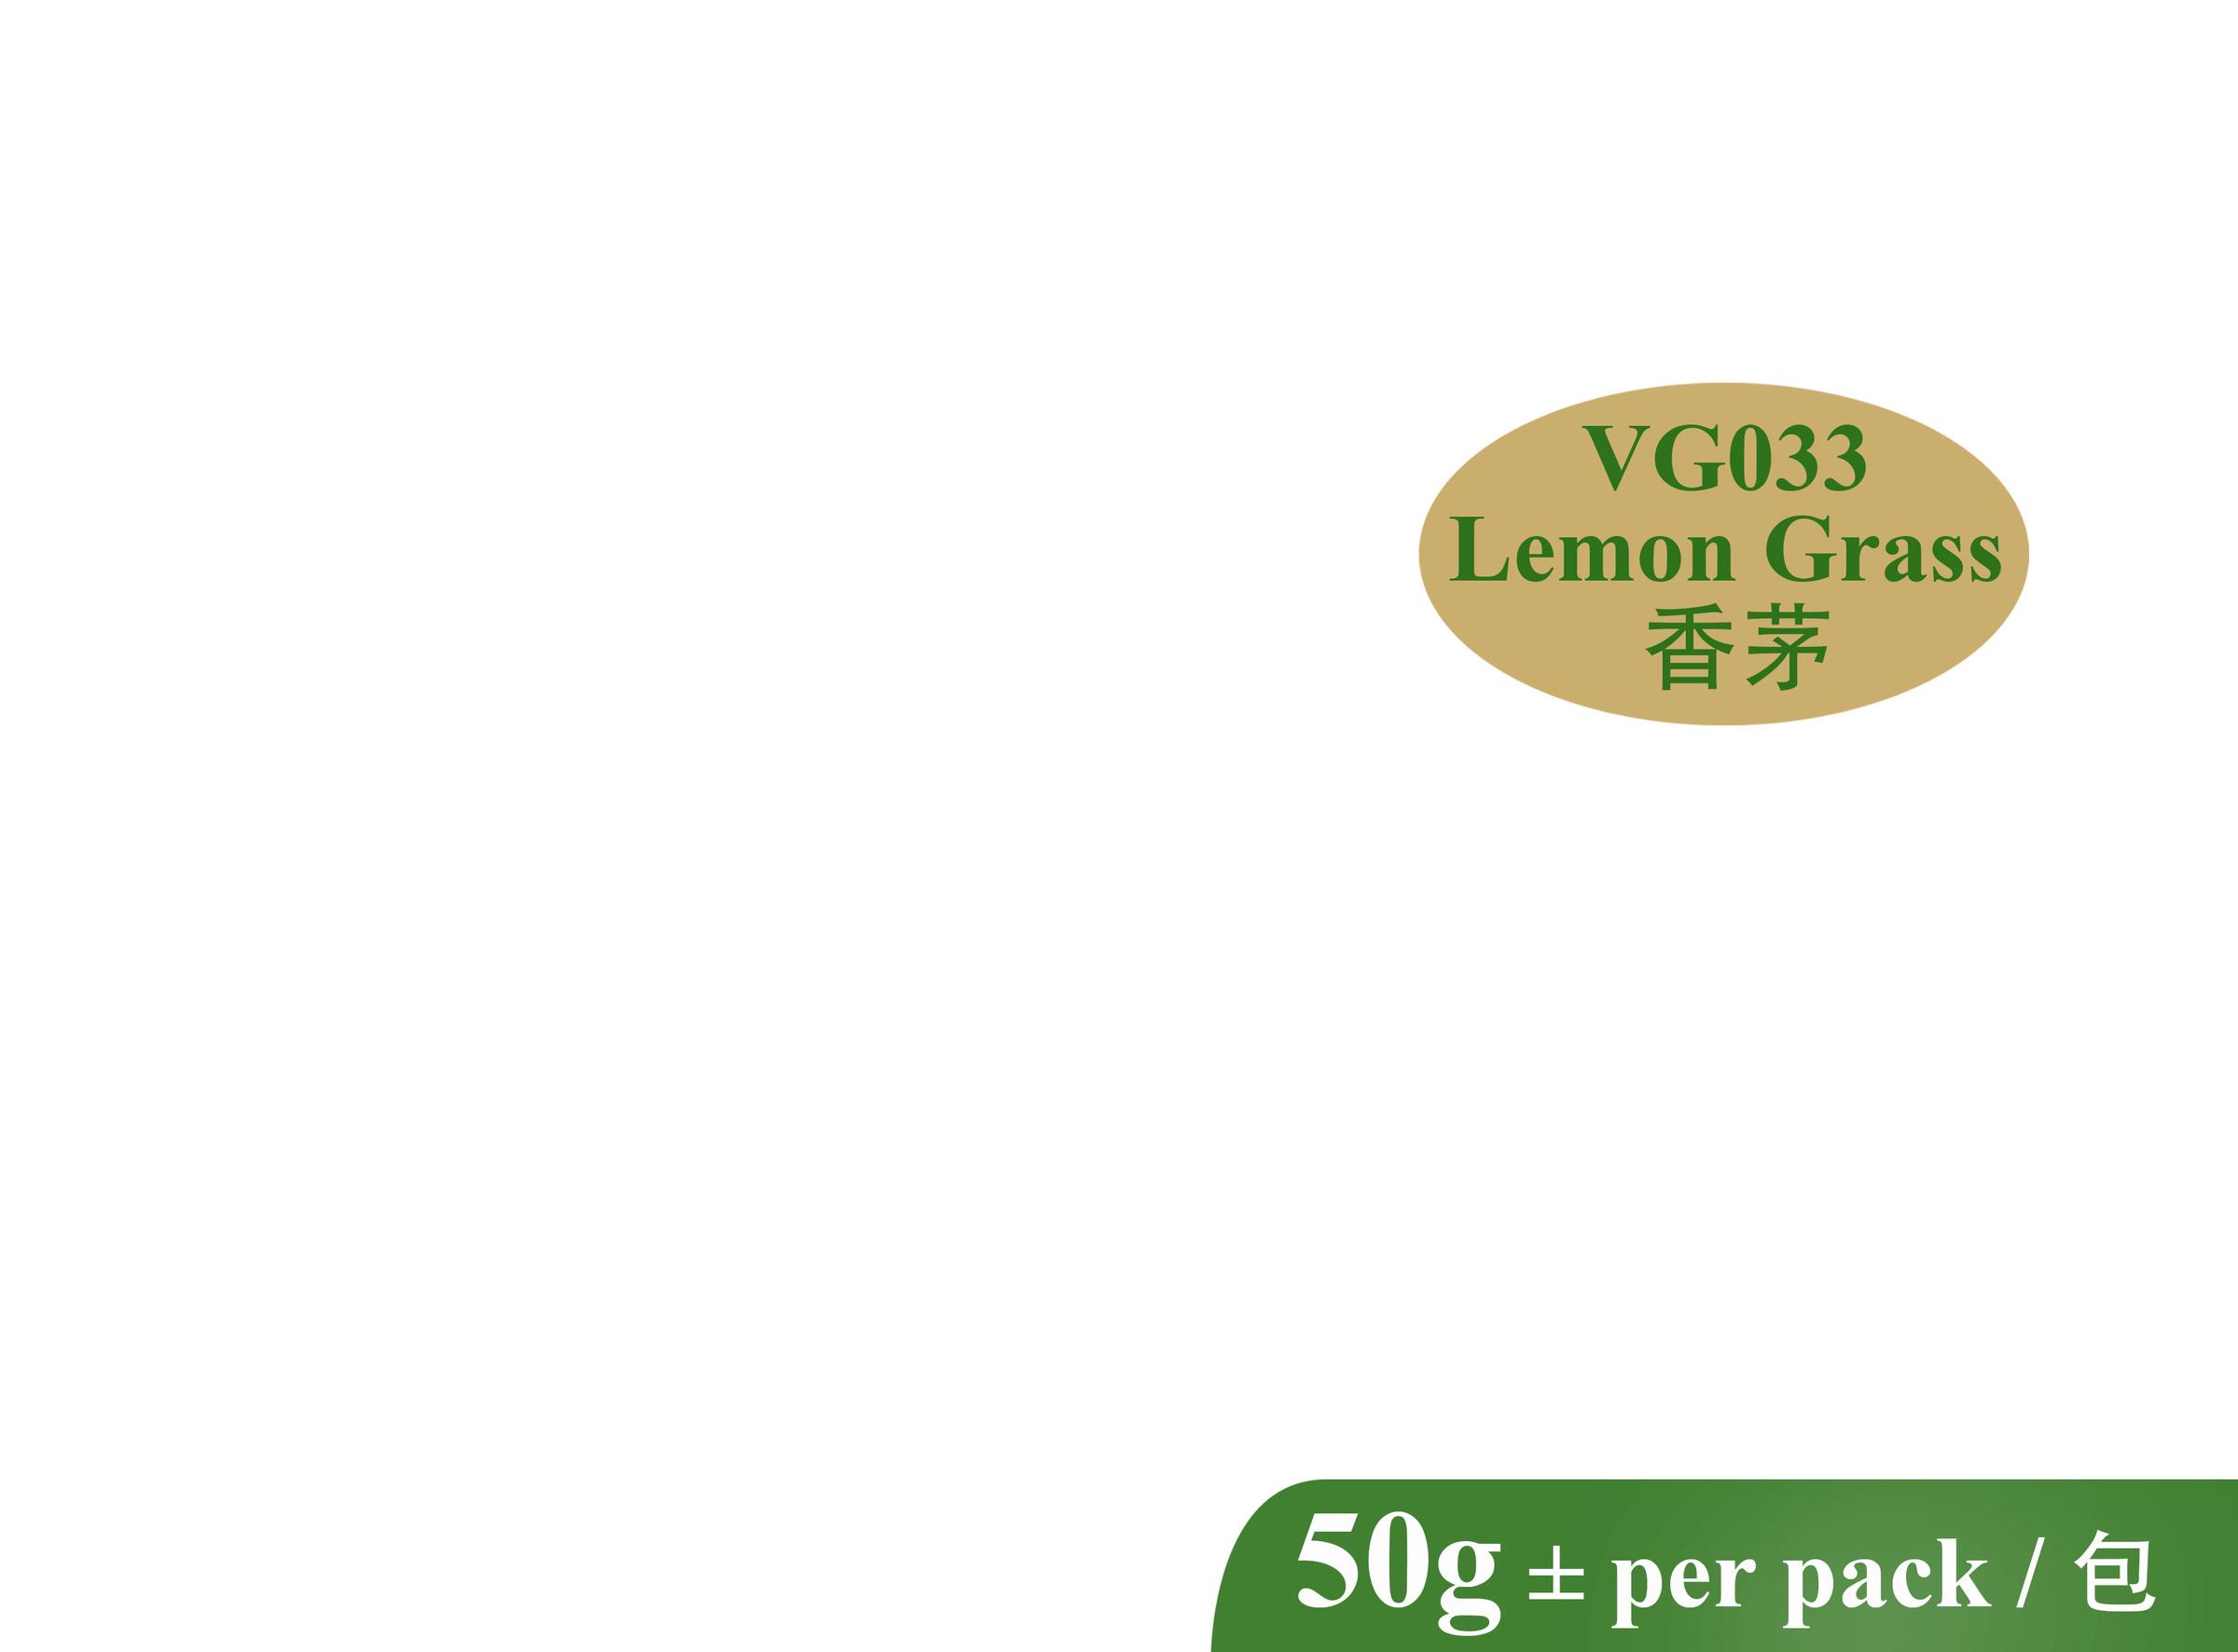 VG033 Lemo Grass-RM1.00 per 50g+.jpg